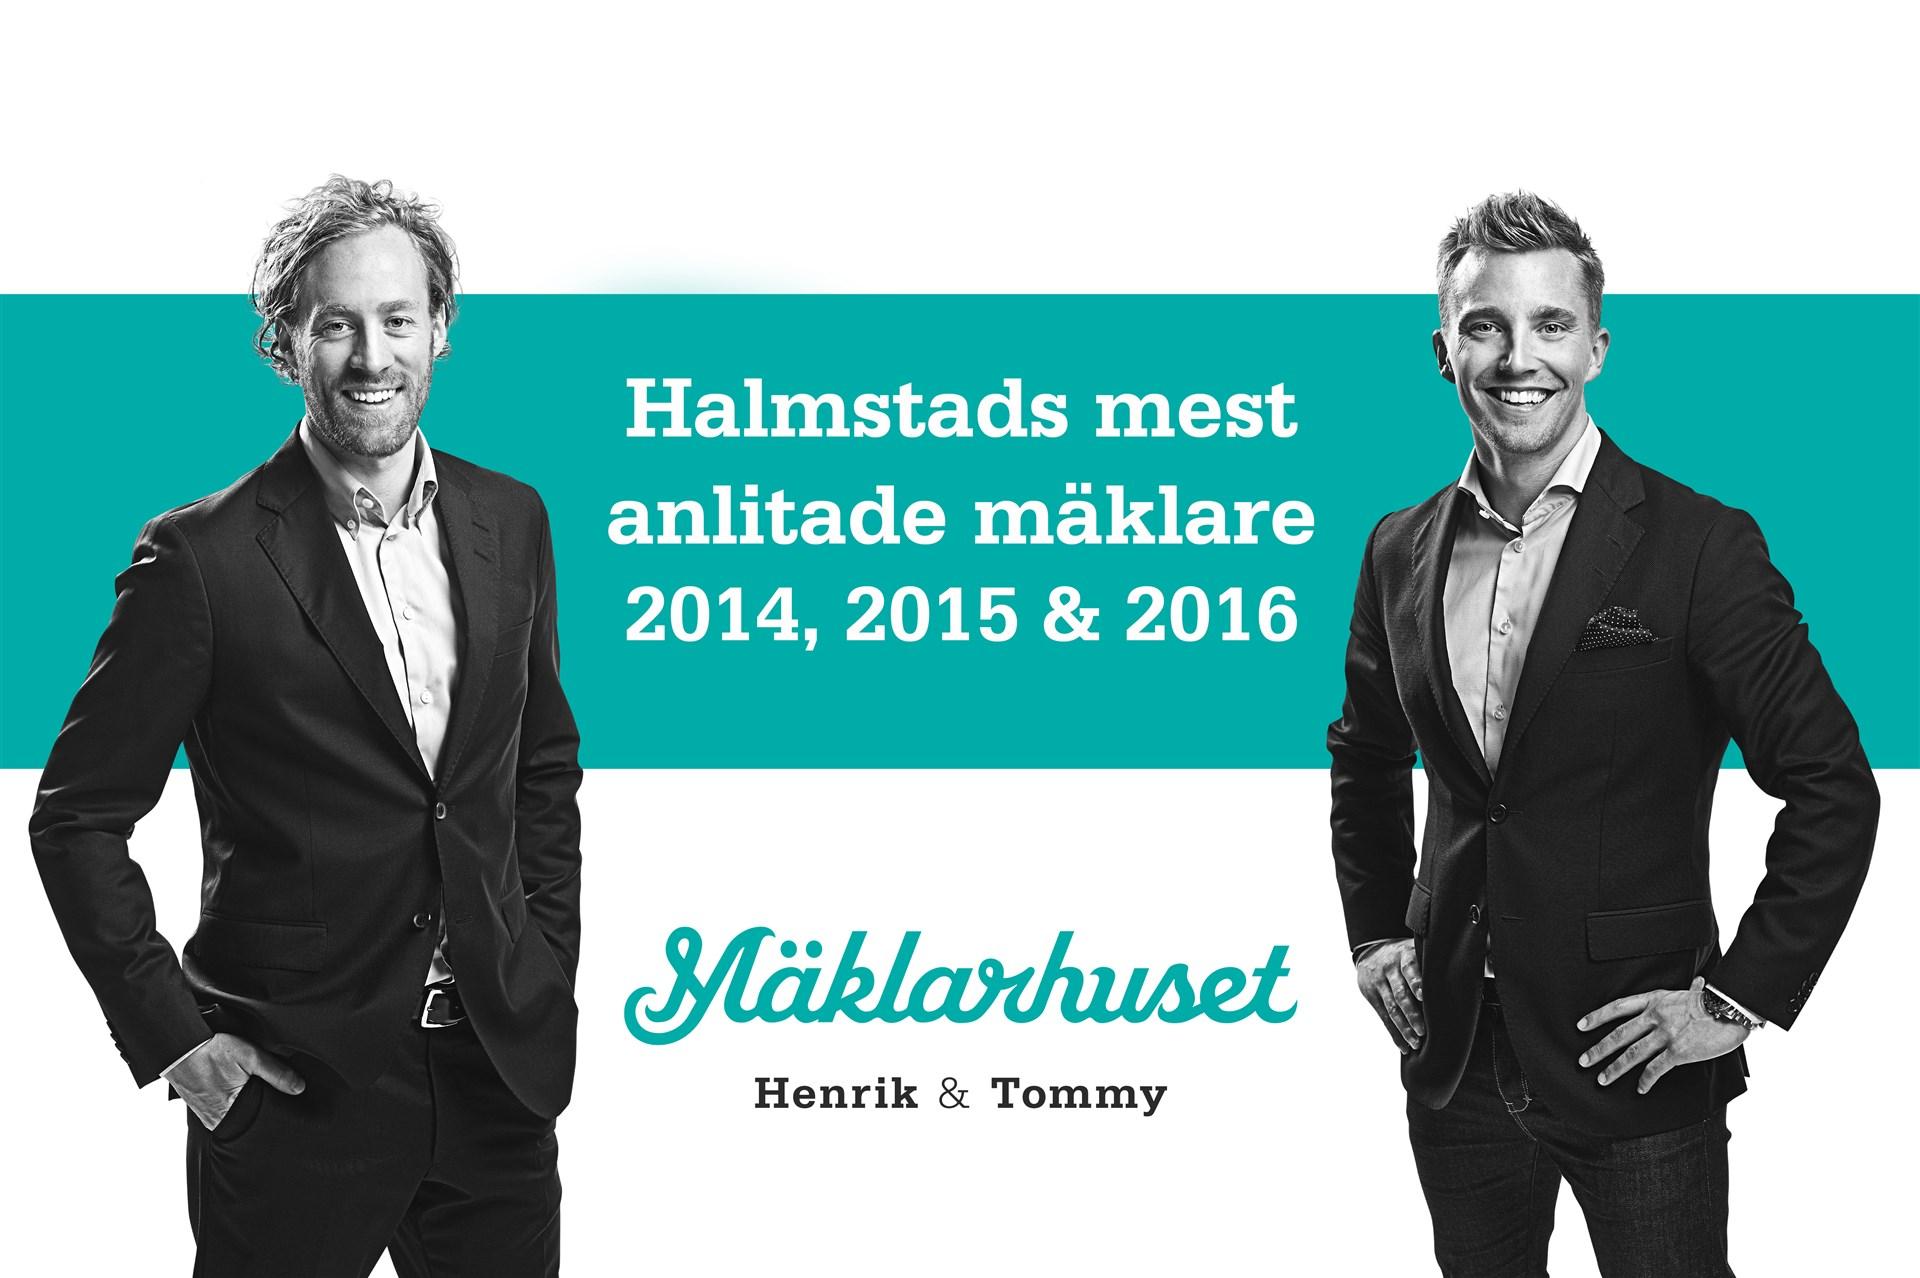 Halmstads mest anlitade mäklare 2014, 2015 och 2016!